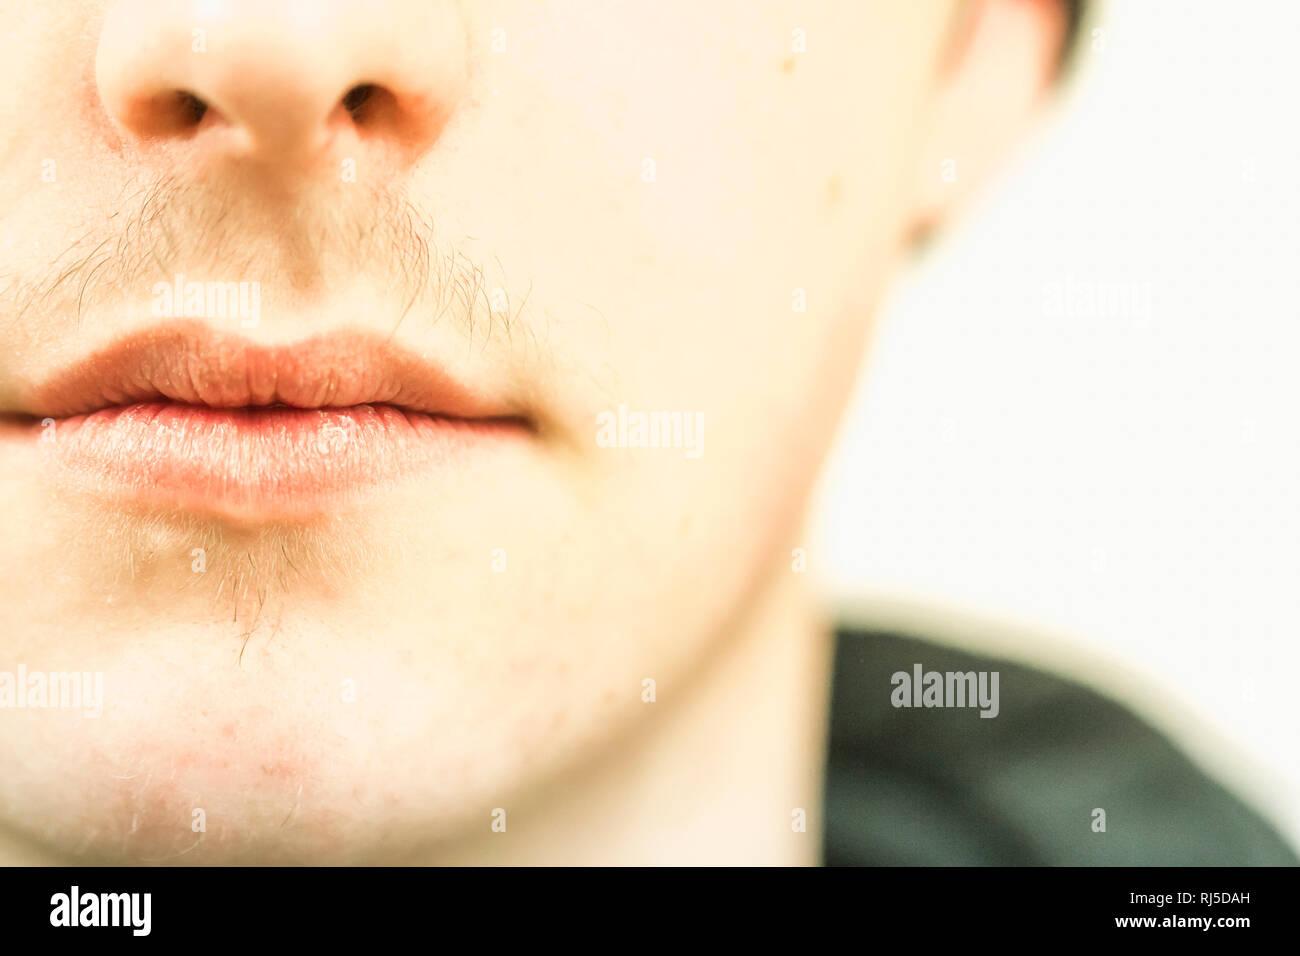 Der Mund eines jungen Mannes mit Flaum über der Oberlippe - Stock Image